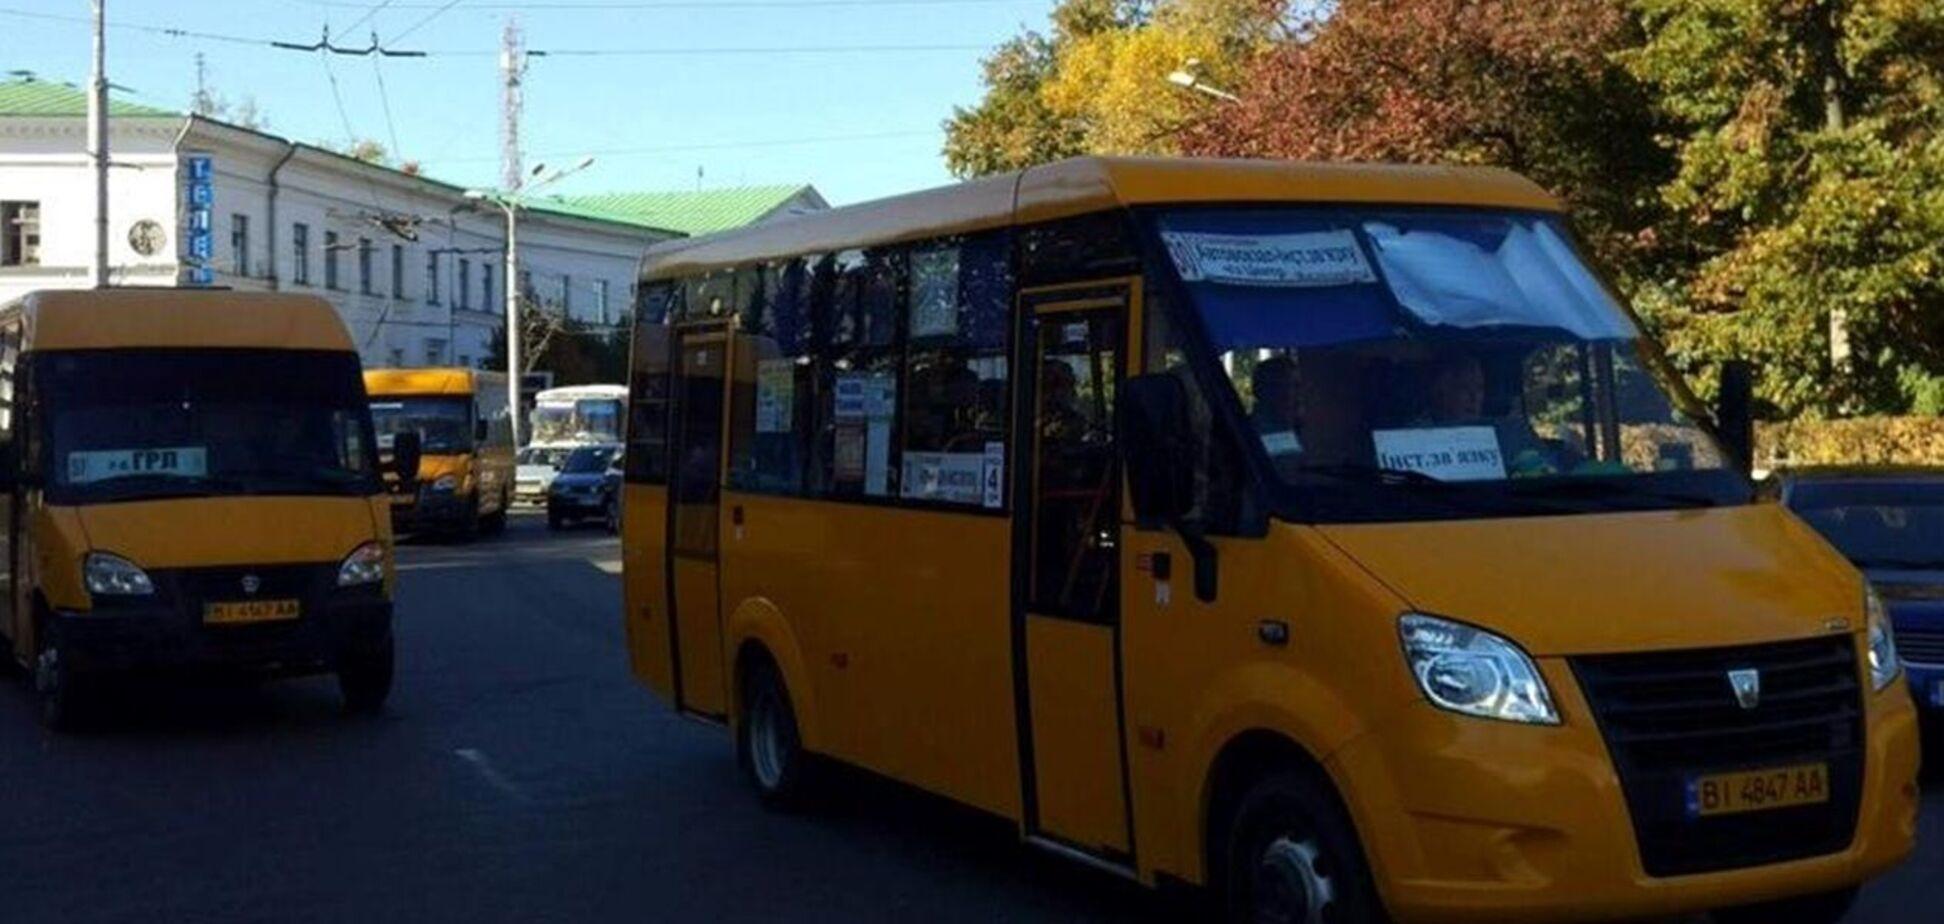 В Полтаве у маршрутки отказали тормоза (иллюстрация)